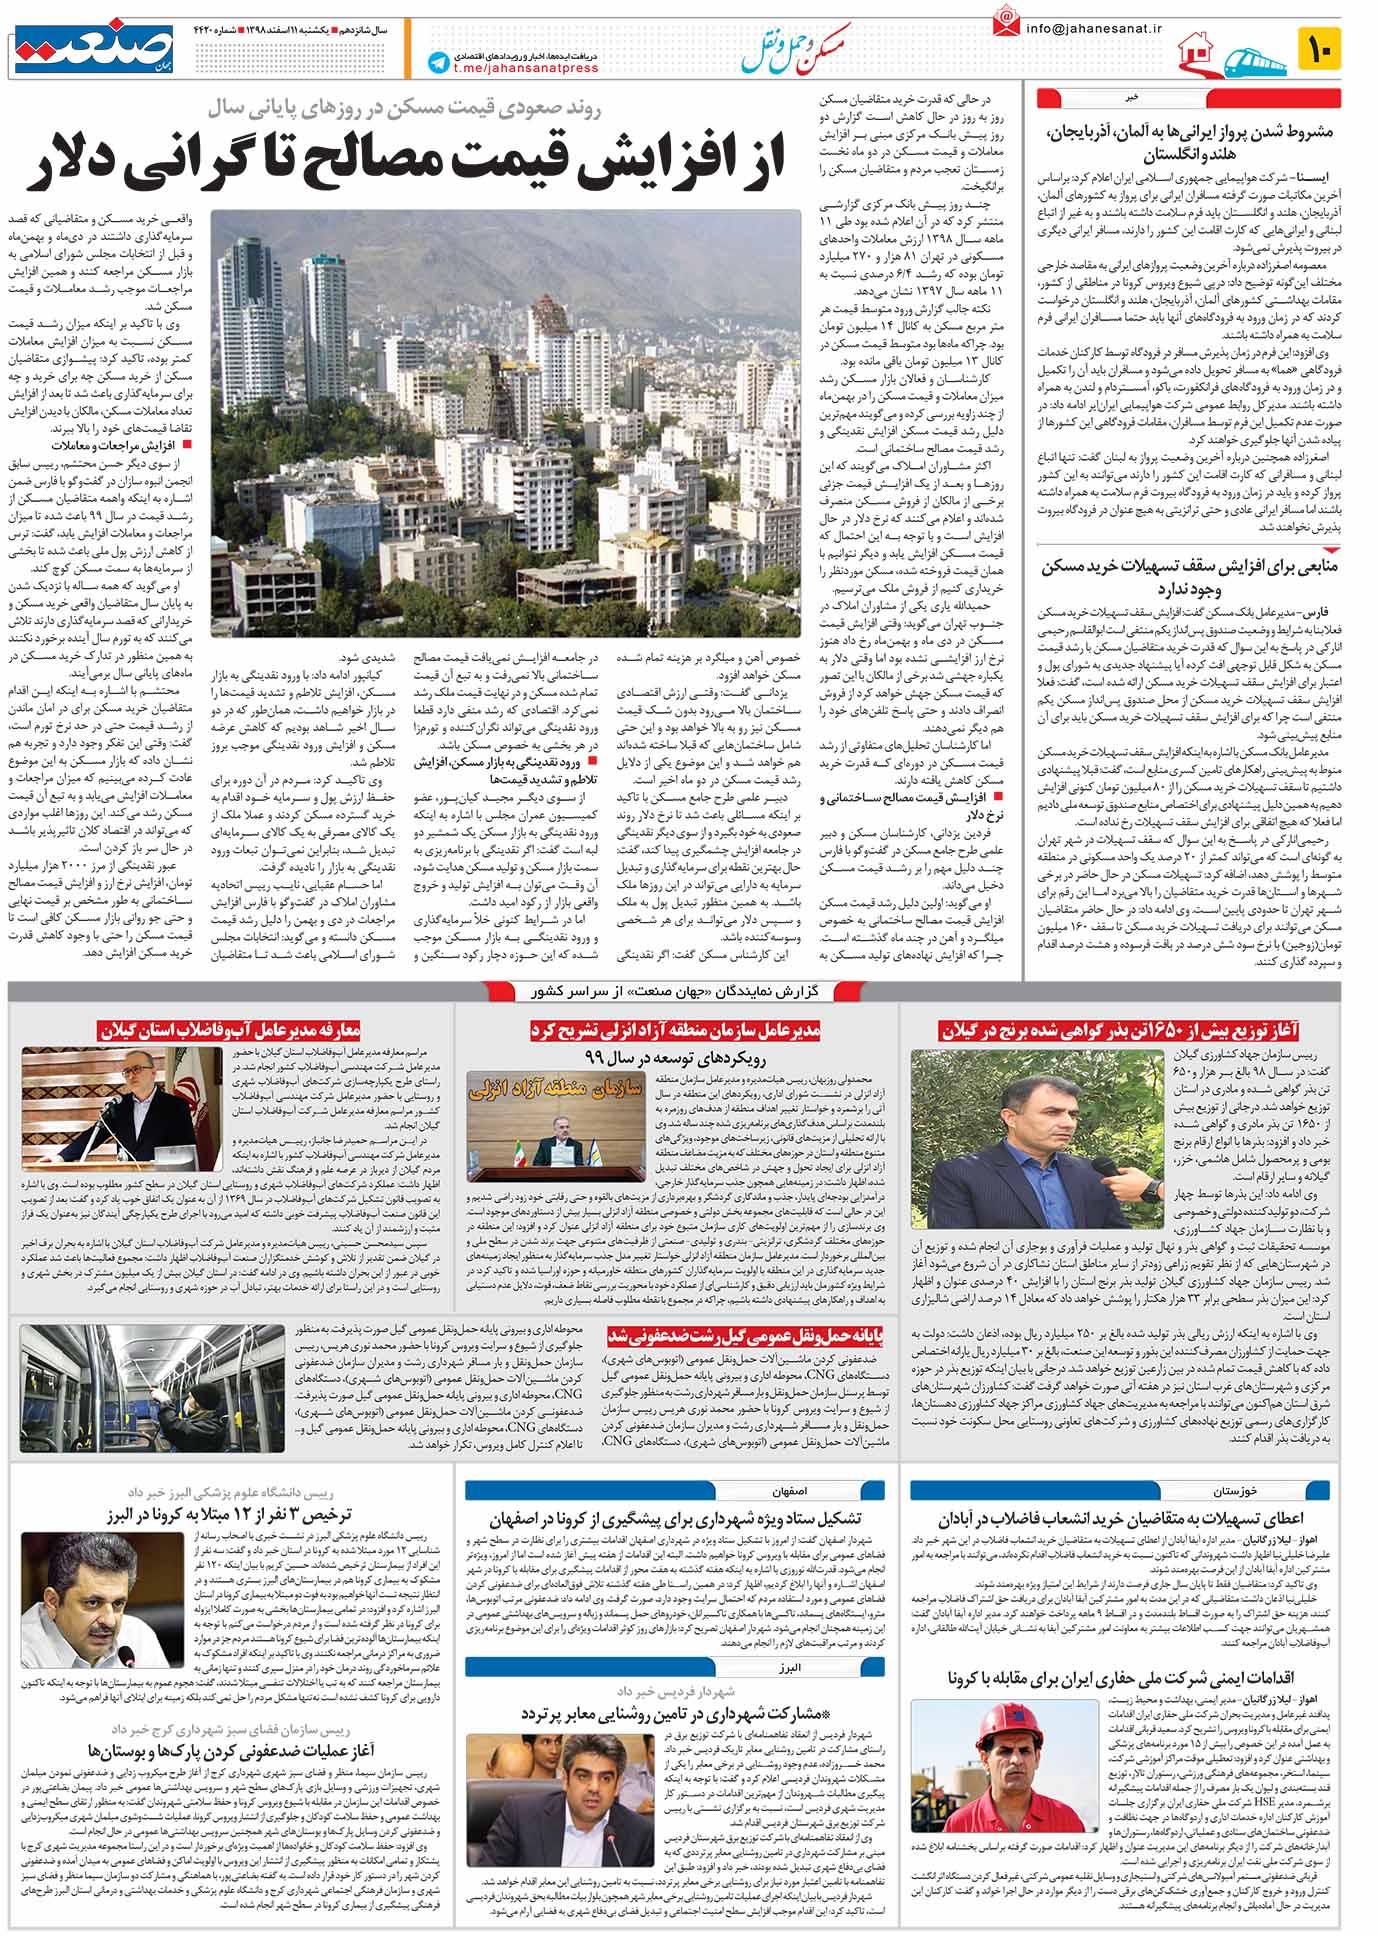 صفحه ۱۰- ۱۱اسفند ۱۳۹۸